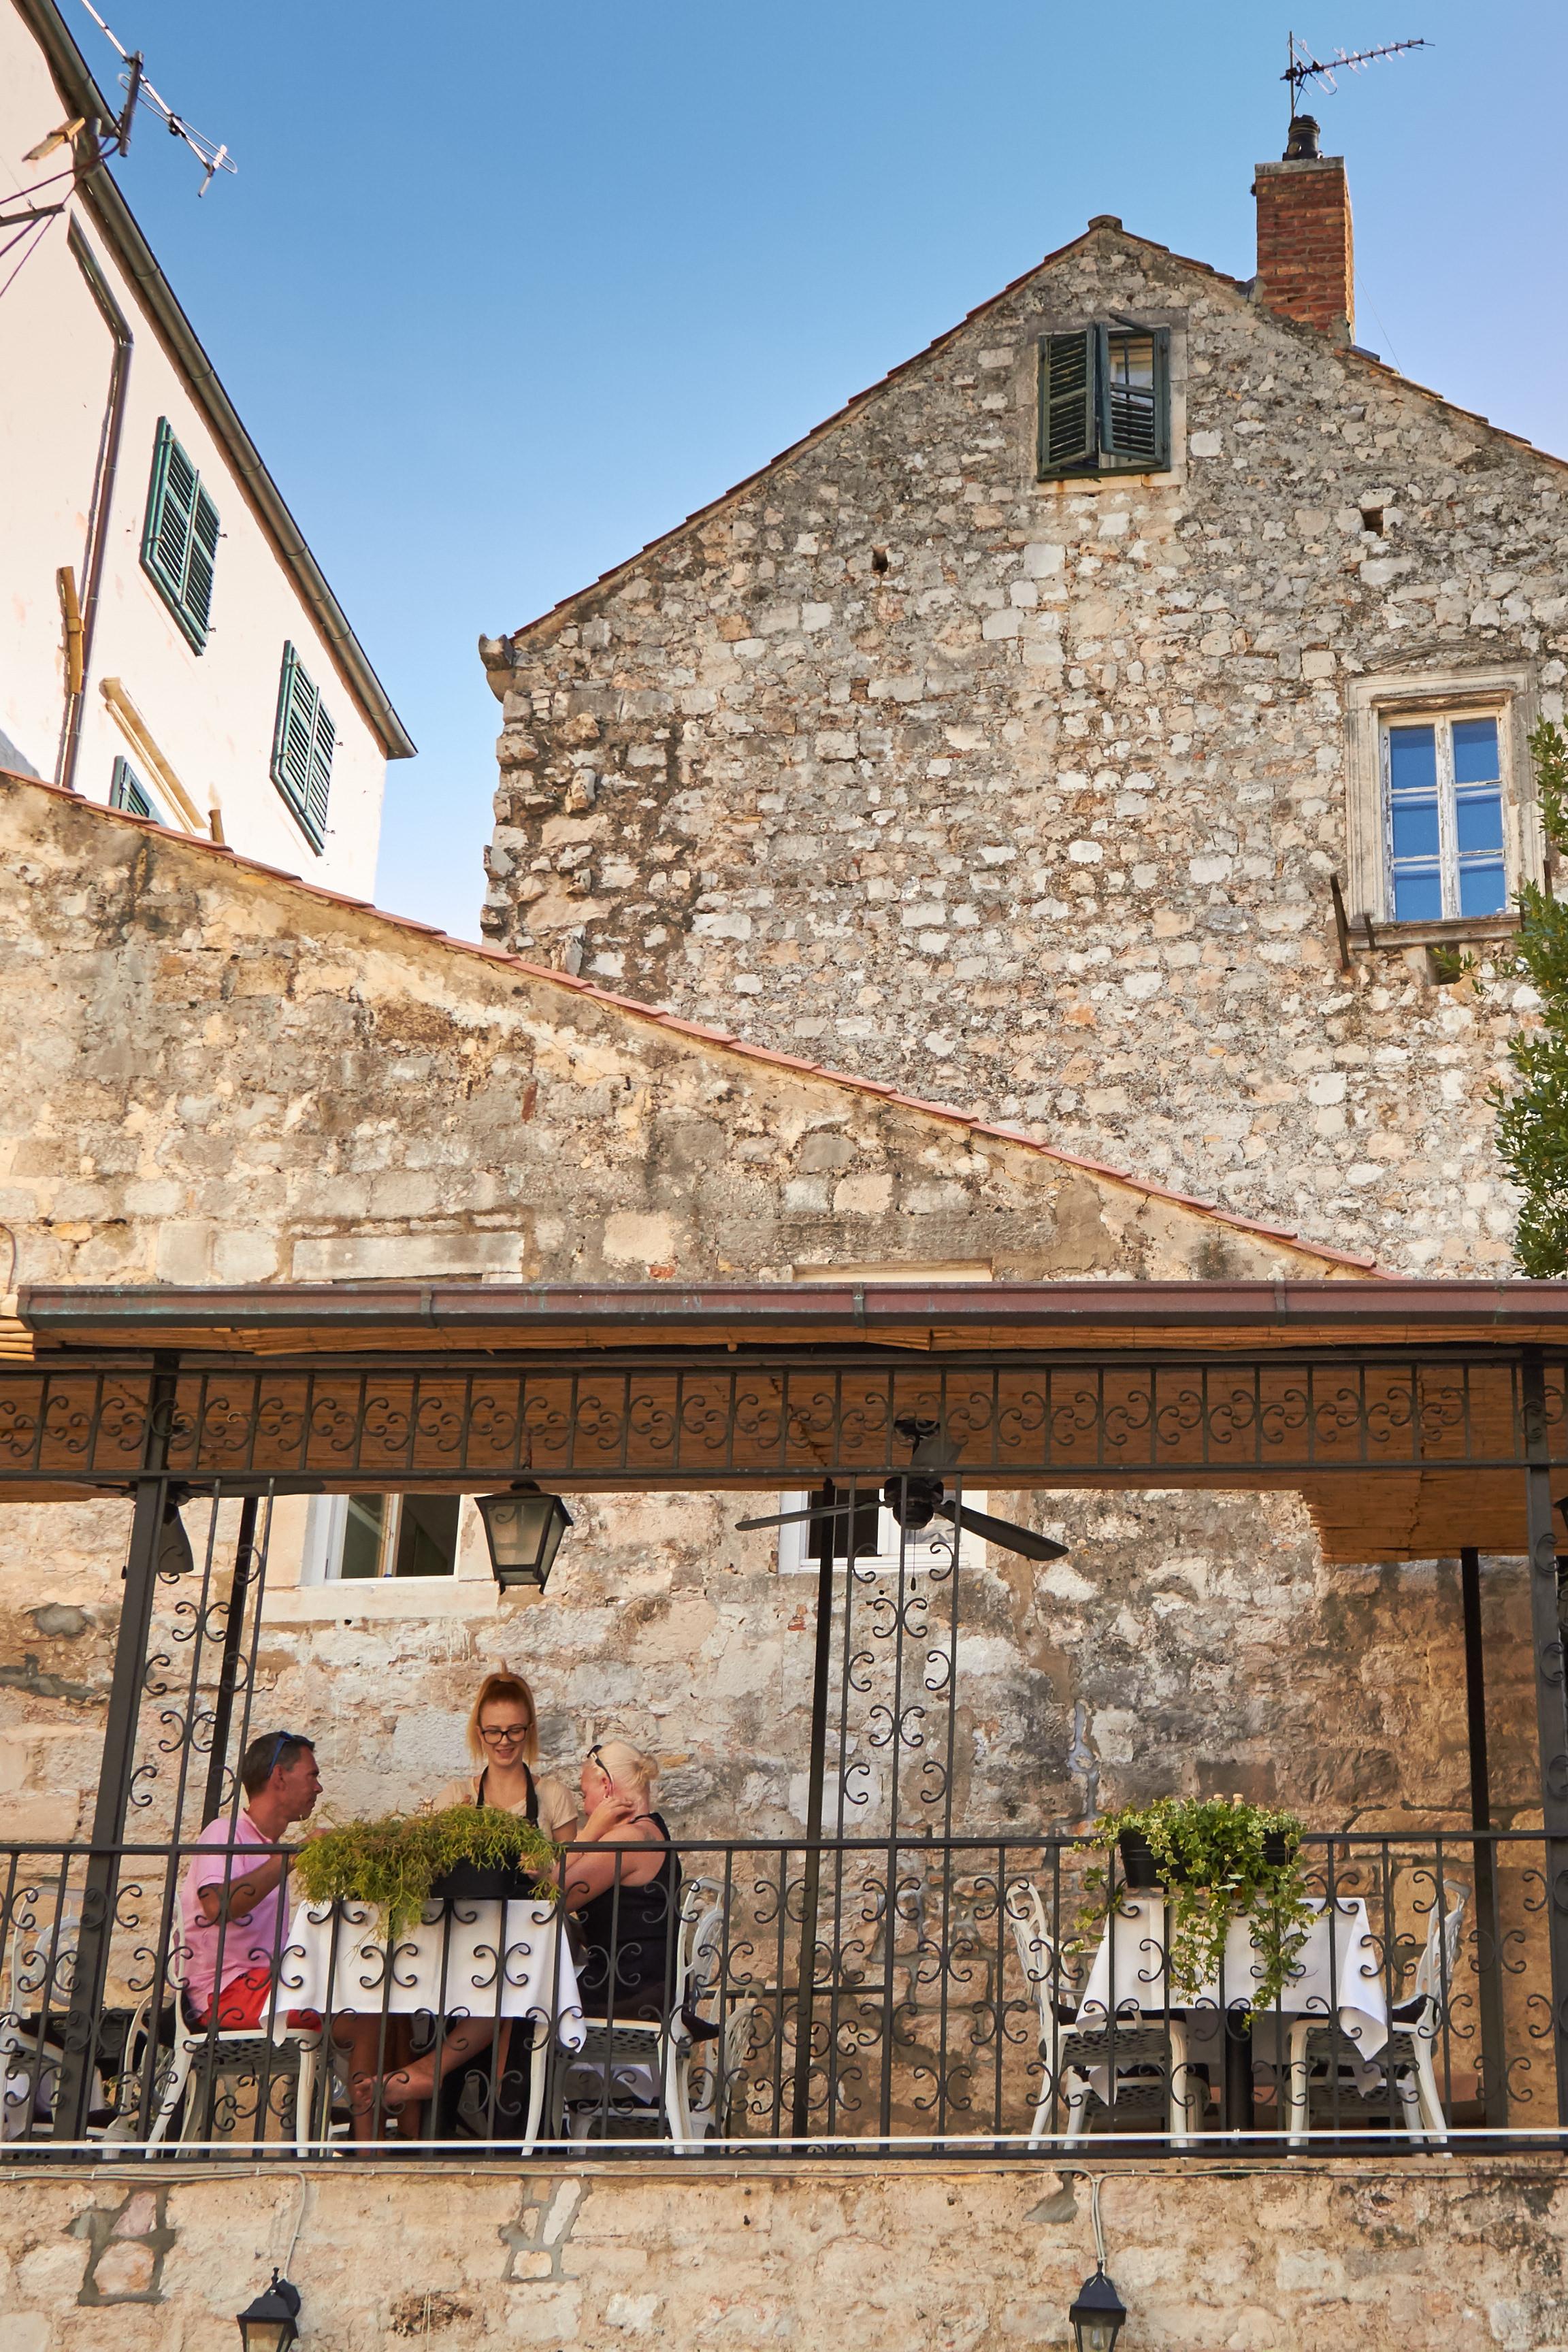 4_25-09-17_Dubrovnik_0010_PROCESSED.jpg